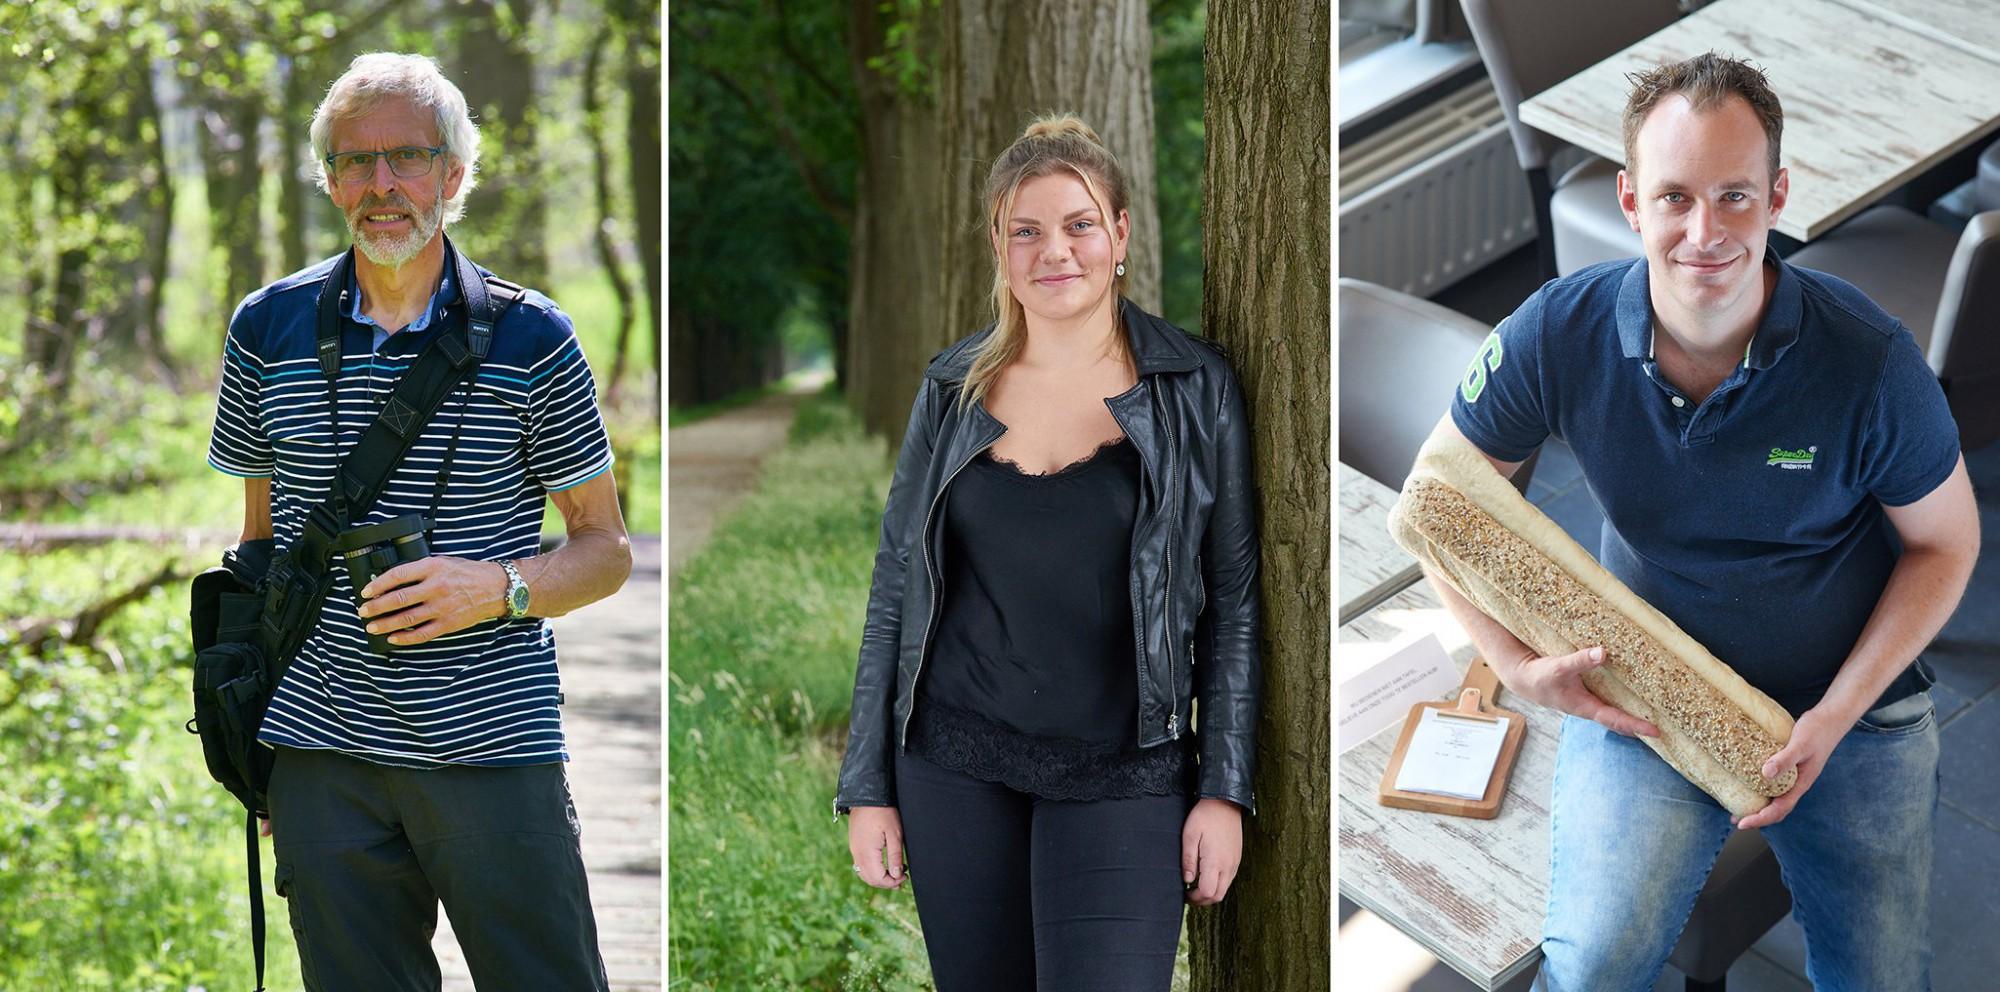 Afbeelding: Portretfotografie op locatie, verkiezingscampagne voor Hoogstraten Leeft.